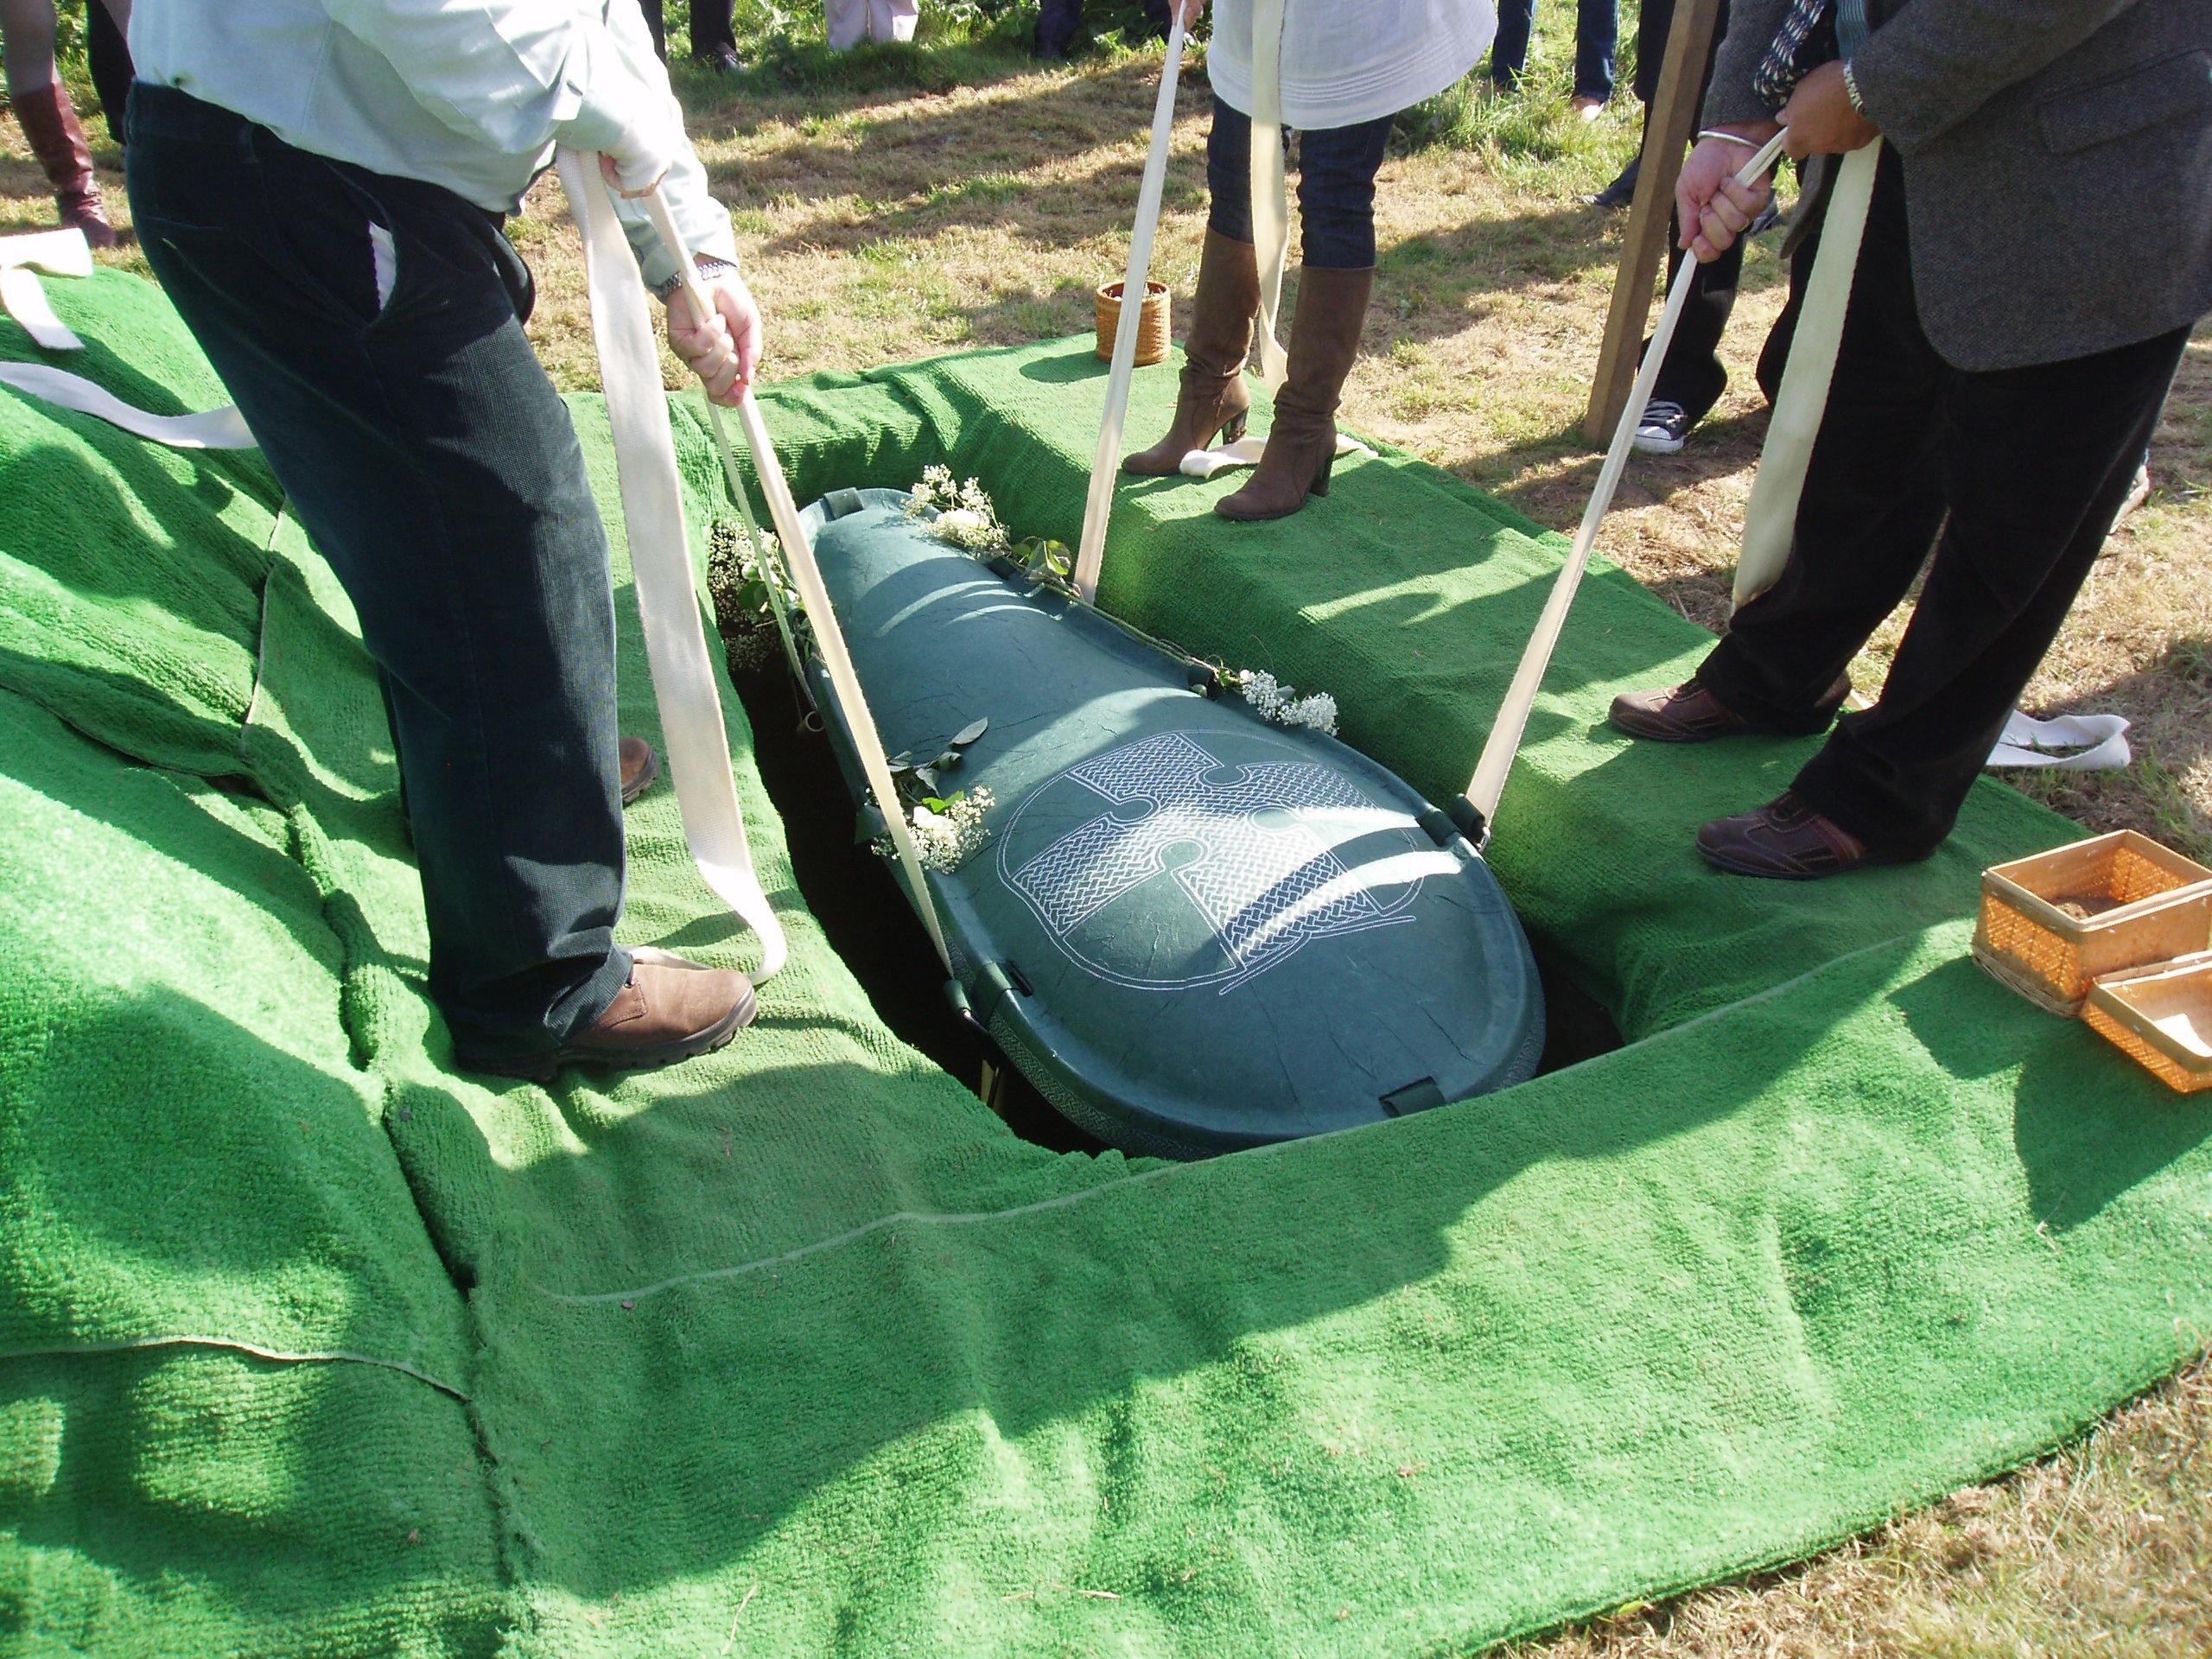 We've been burying people all wrong